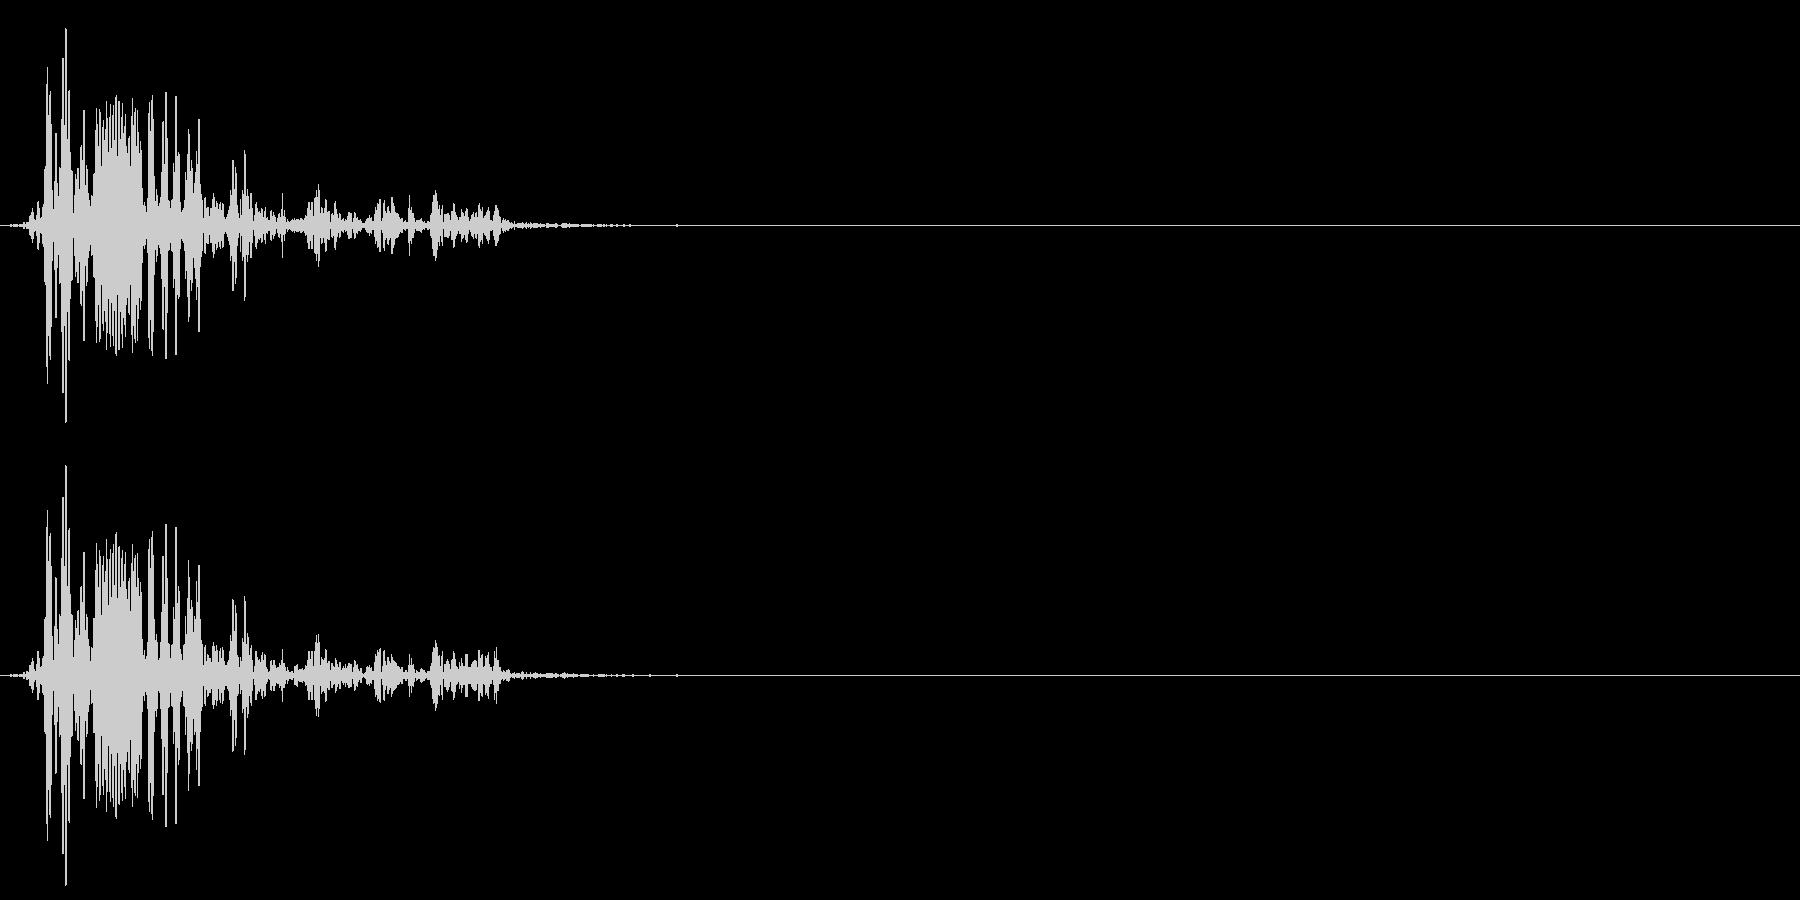 [生録音]ゴクリ、飲み込む音01(1回)の未再生の波形